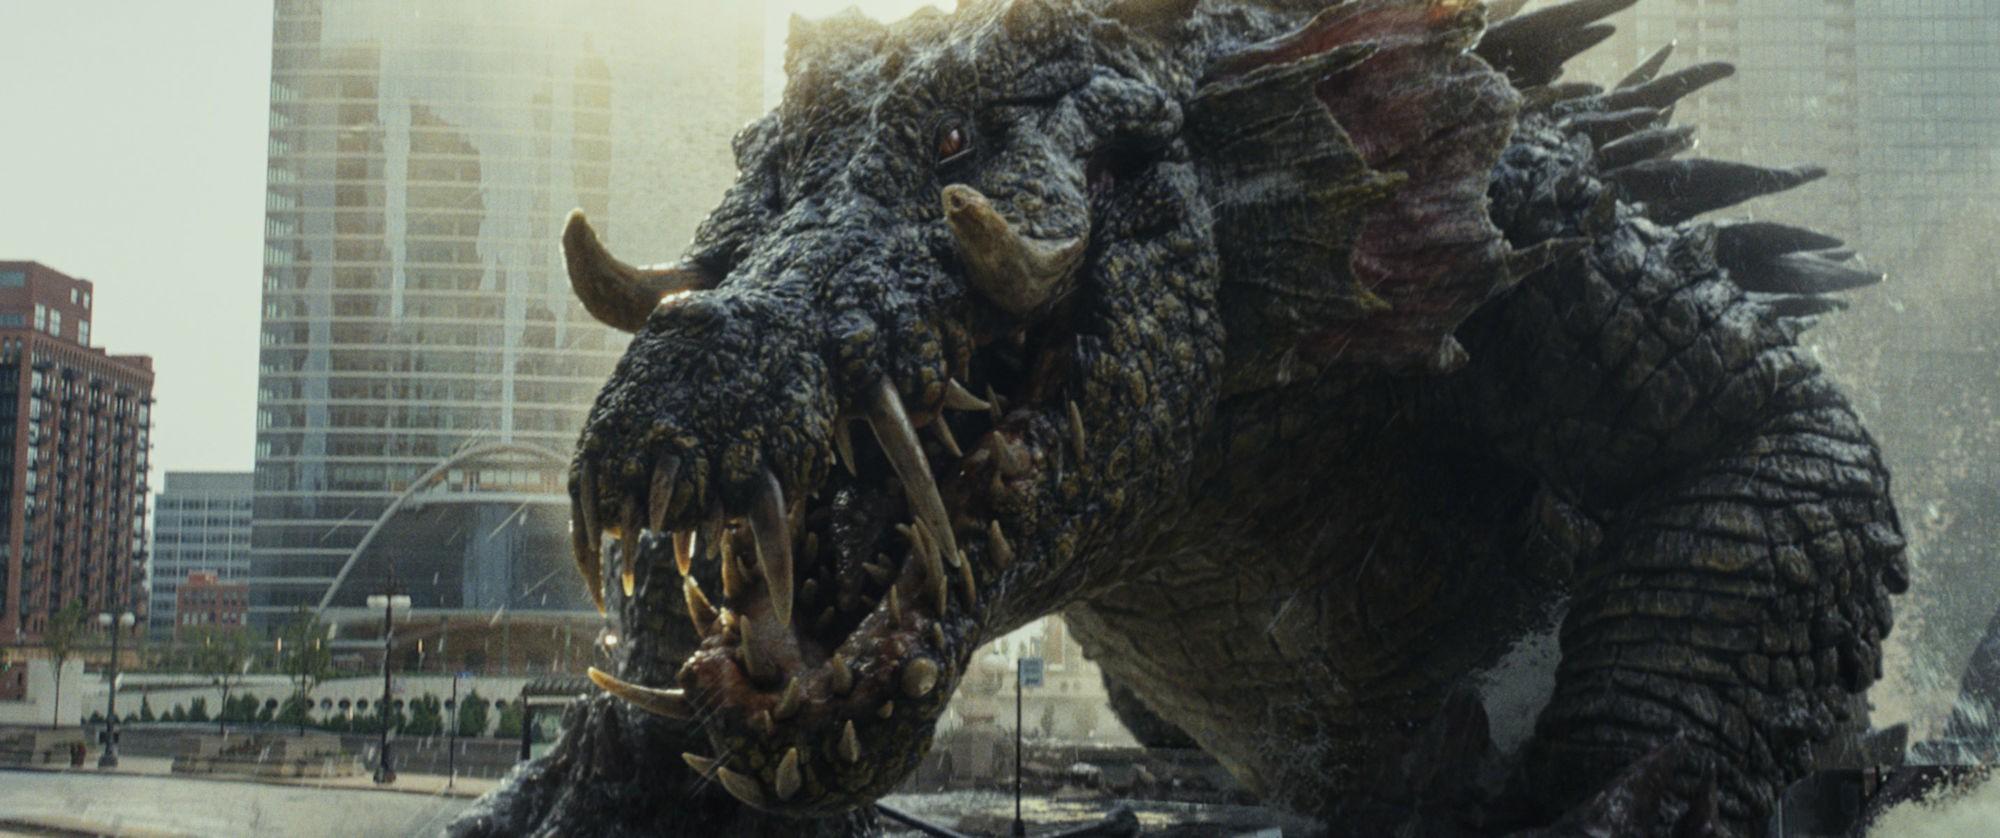 Nín thở với 10 cảnh quái vật khổng lồ chiến đấu ấn tượng trên màn ảnh rộng - Ảnh 9.